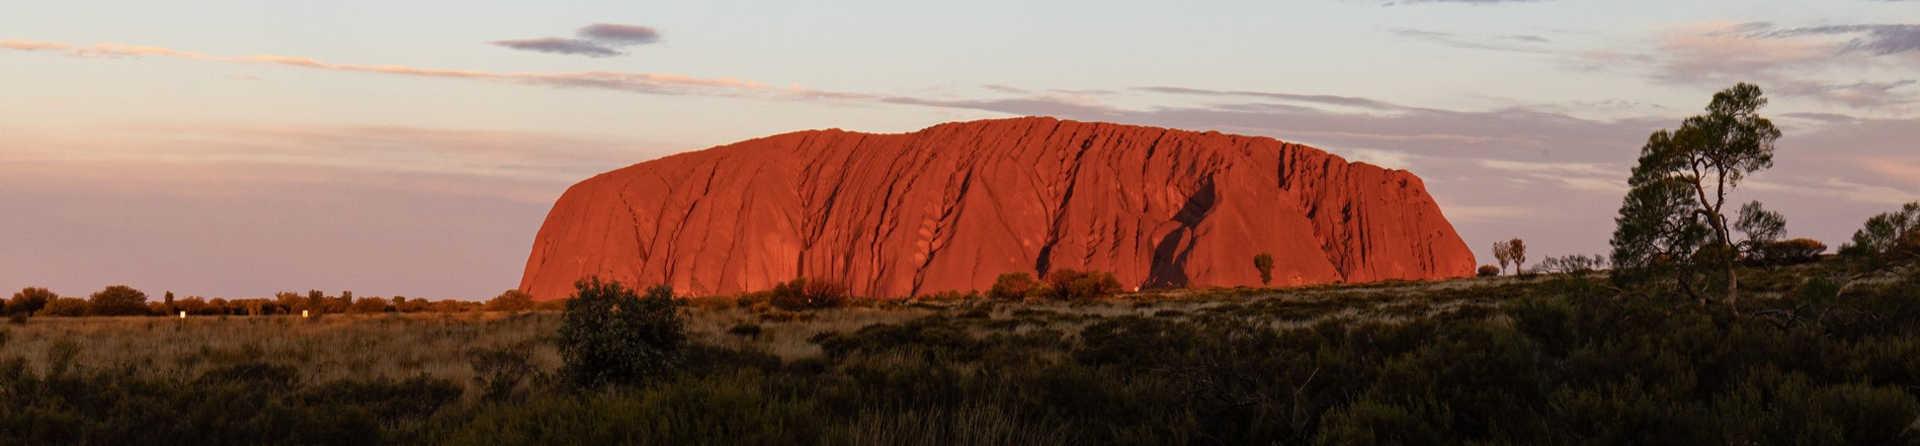 Do Aboriginals own Uluru?